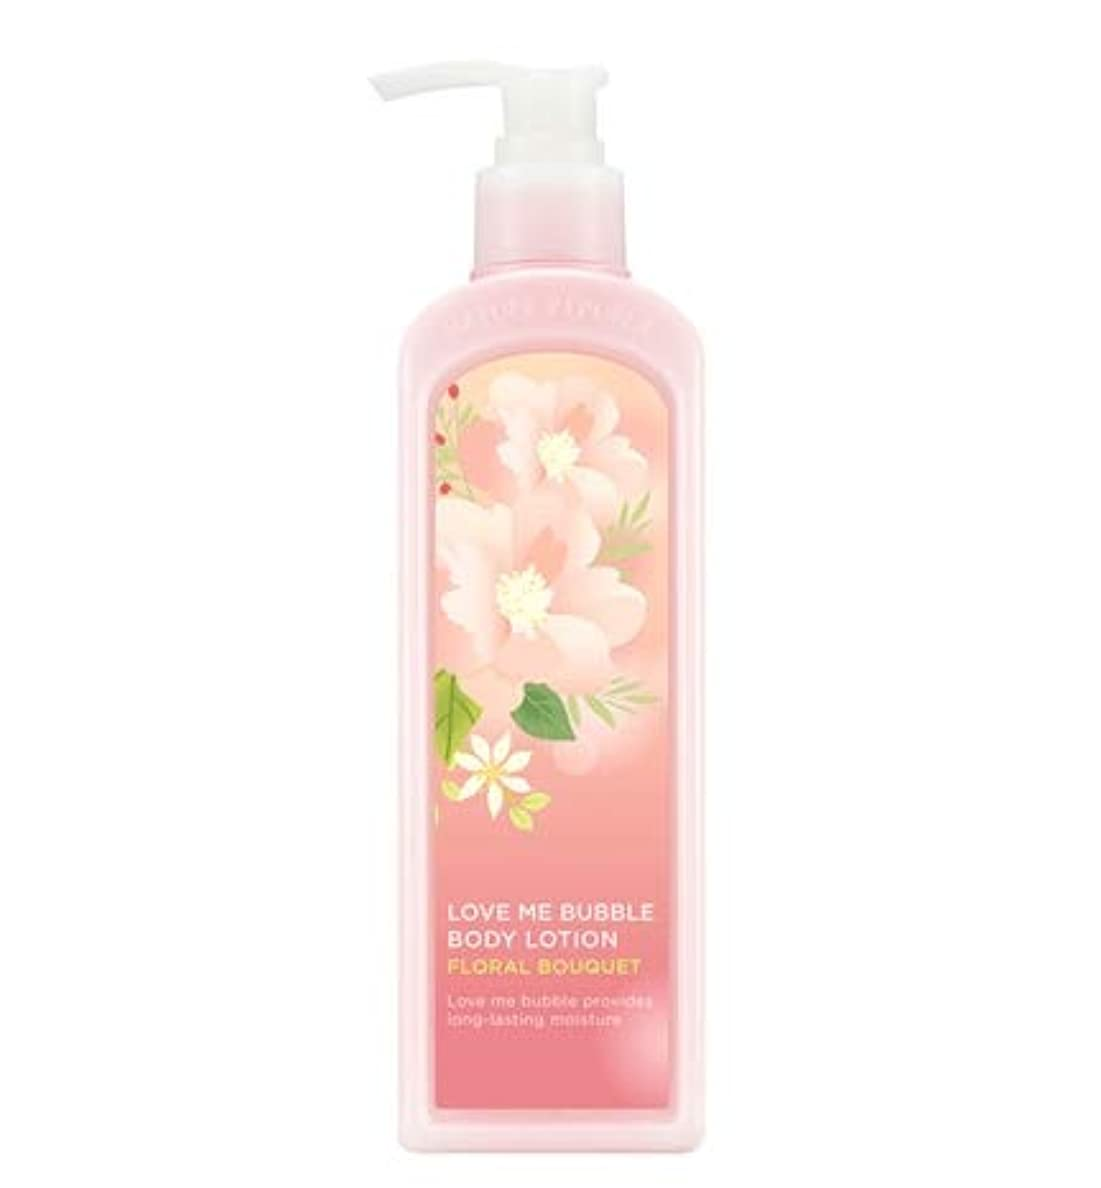 教える赤ポテトNATURE REPUBLIC Love Me Bubble Body Lotion-Floral bouquet ネイチャリパブリックラブミバブルボディーローション [並行輸入品]